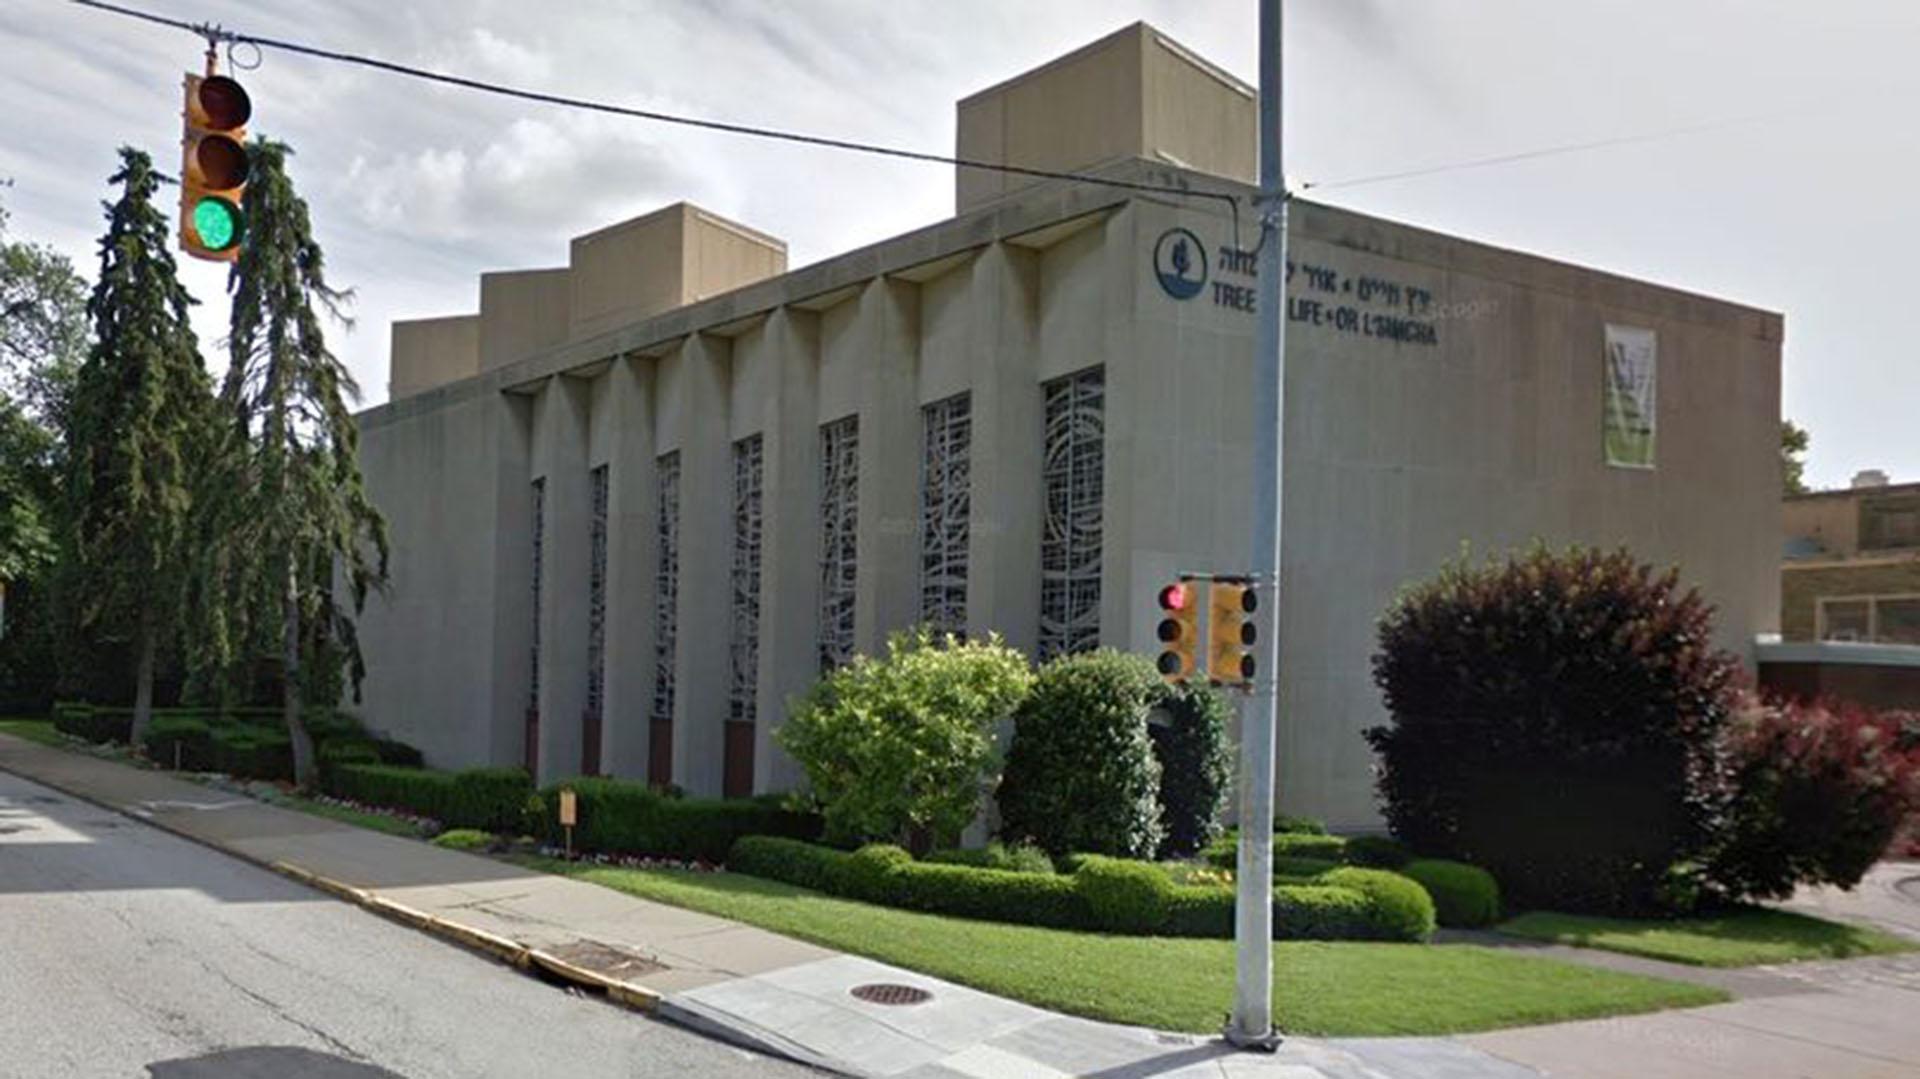 La sinagoga Tree of Life Congregation en la avenida Wilkins de Pittsburgh